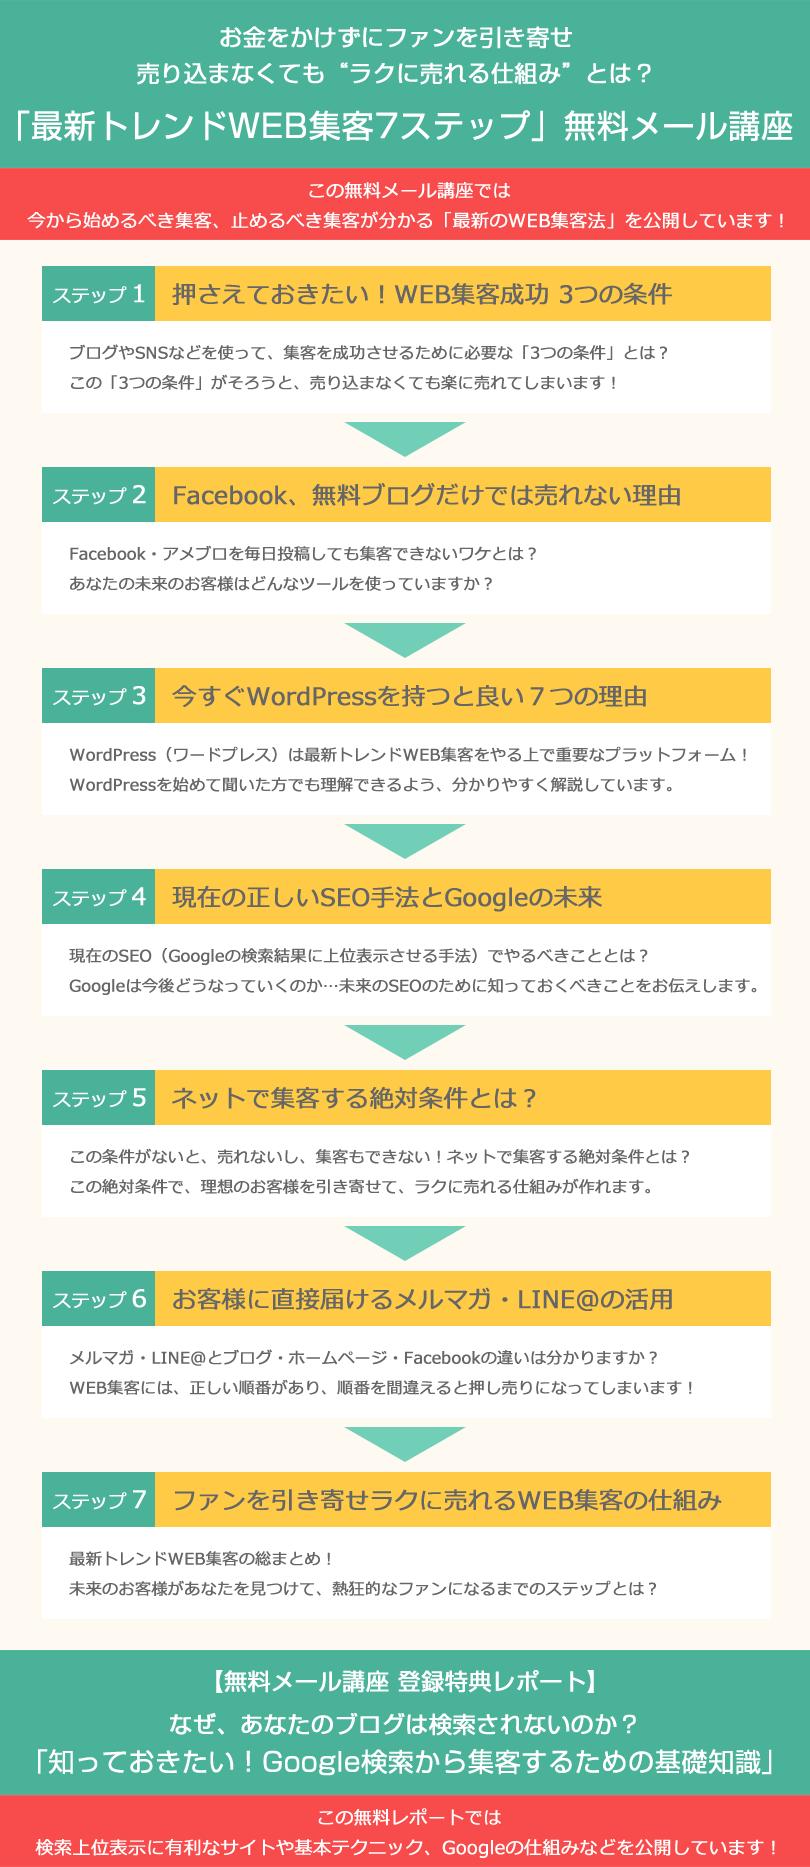 「最新トレンドWEB集客7ステップ」無料メール講座